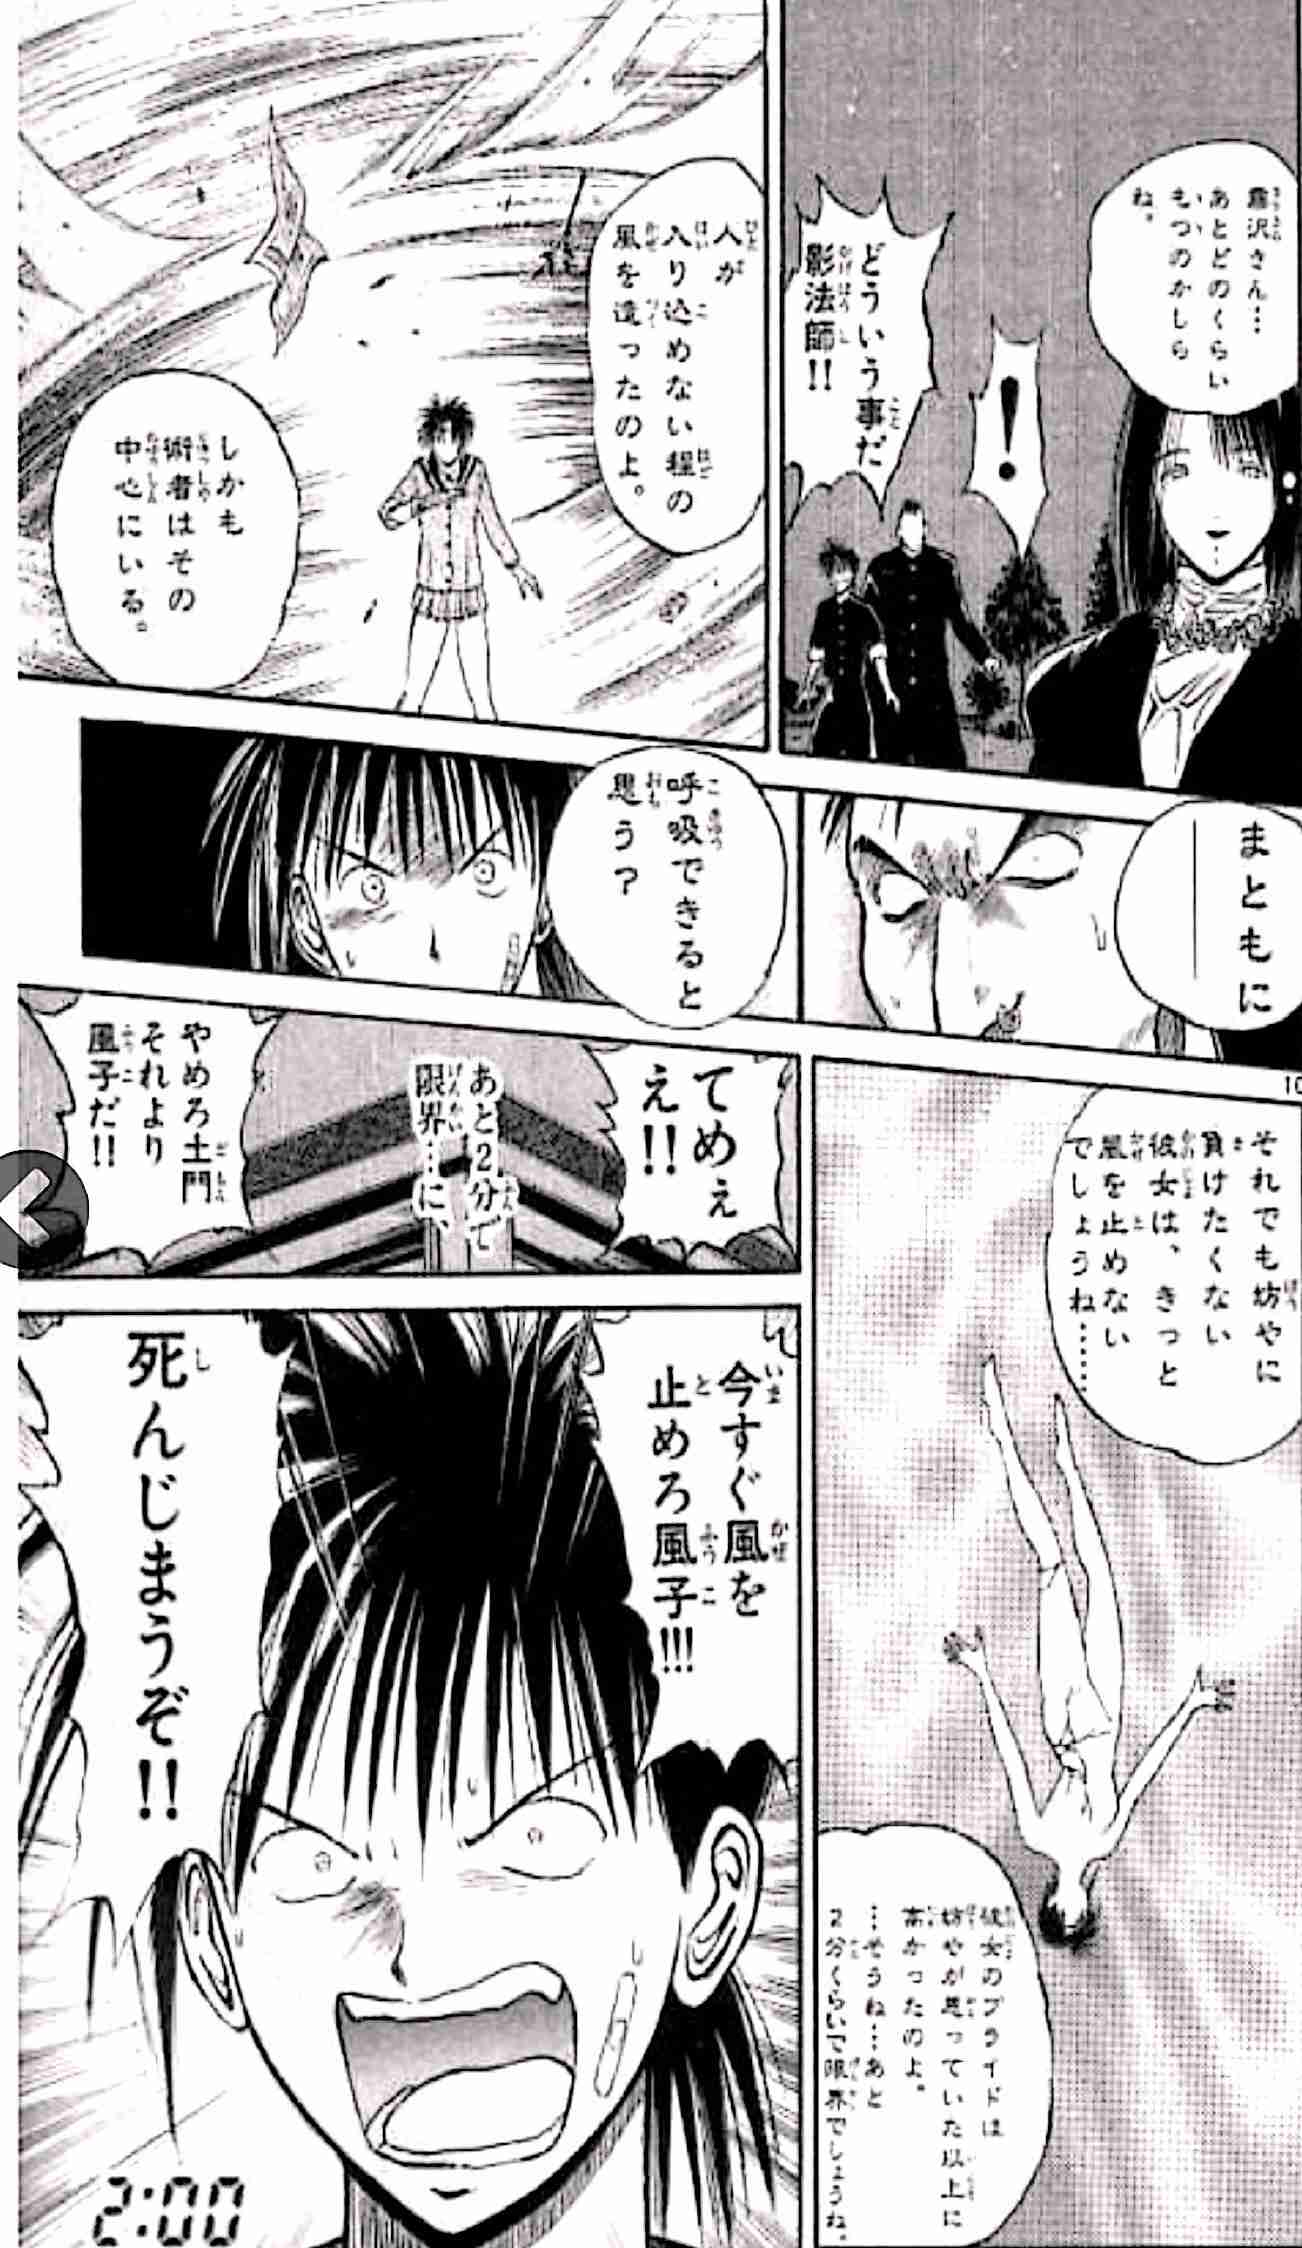 漫画・アニメ・ドラマなどでの矛盾